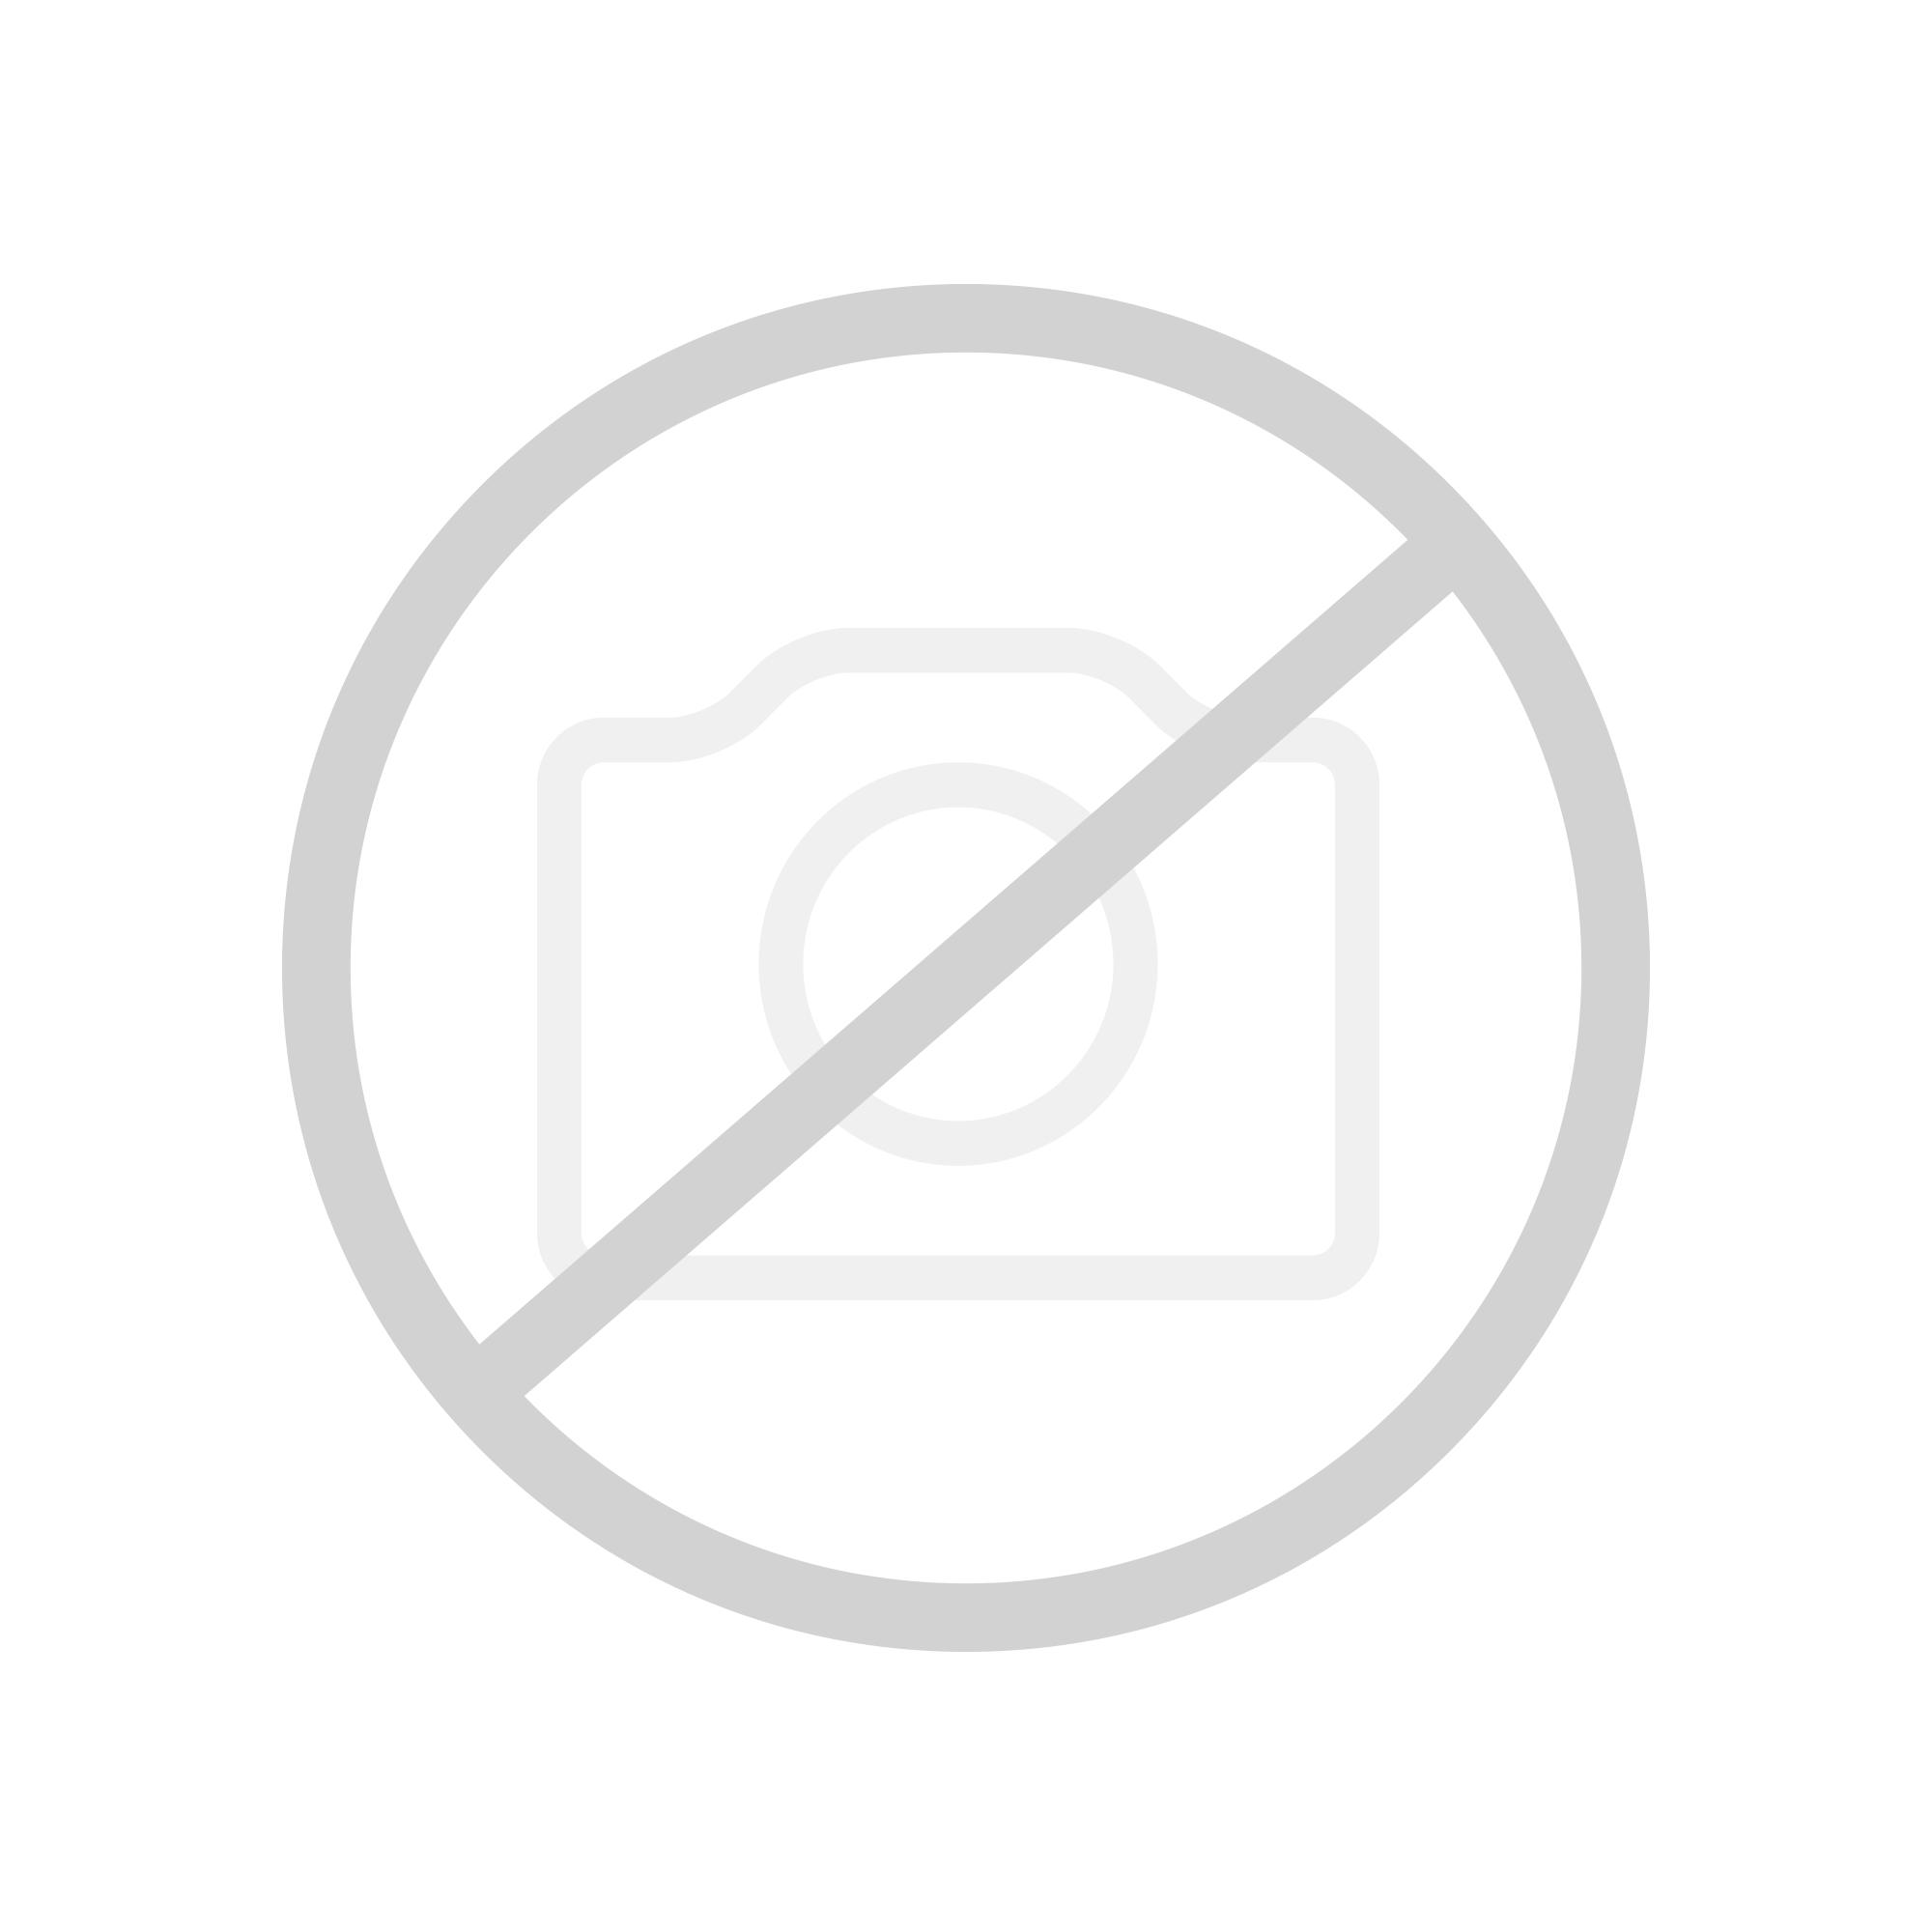 antoniolupi TAPE4 Seifenschale mit Papierhalter Ausführung Rechts